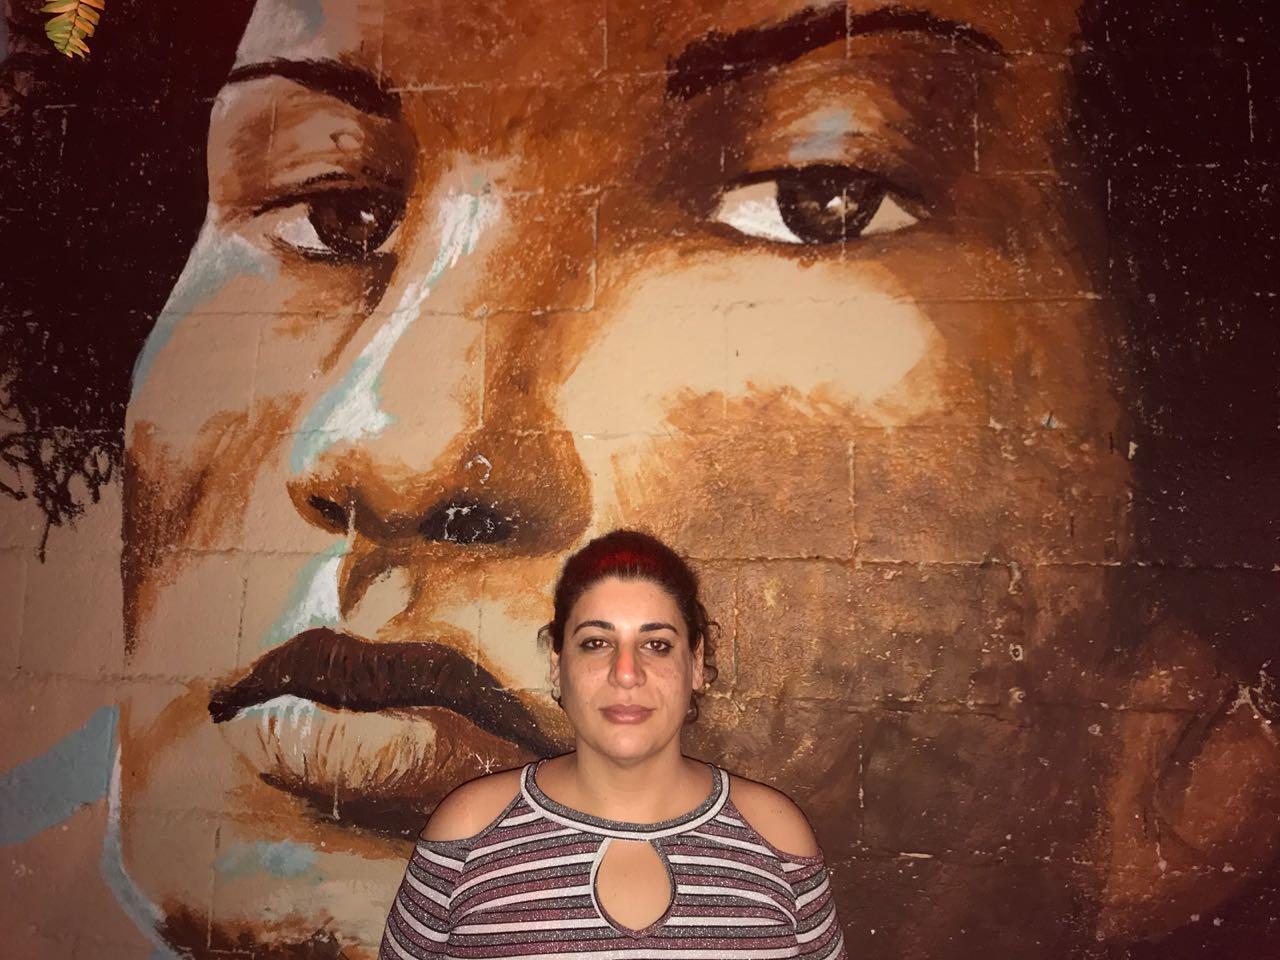 Em decisão inédita, a Justiça do Trabalho considera discriminatória a dispensa e determina a reintegração de professora trans, demitida após assumir a mudança de gênero.